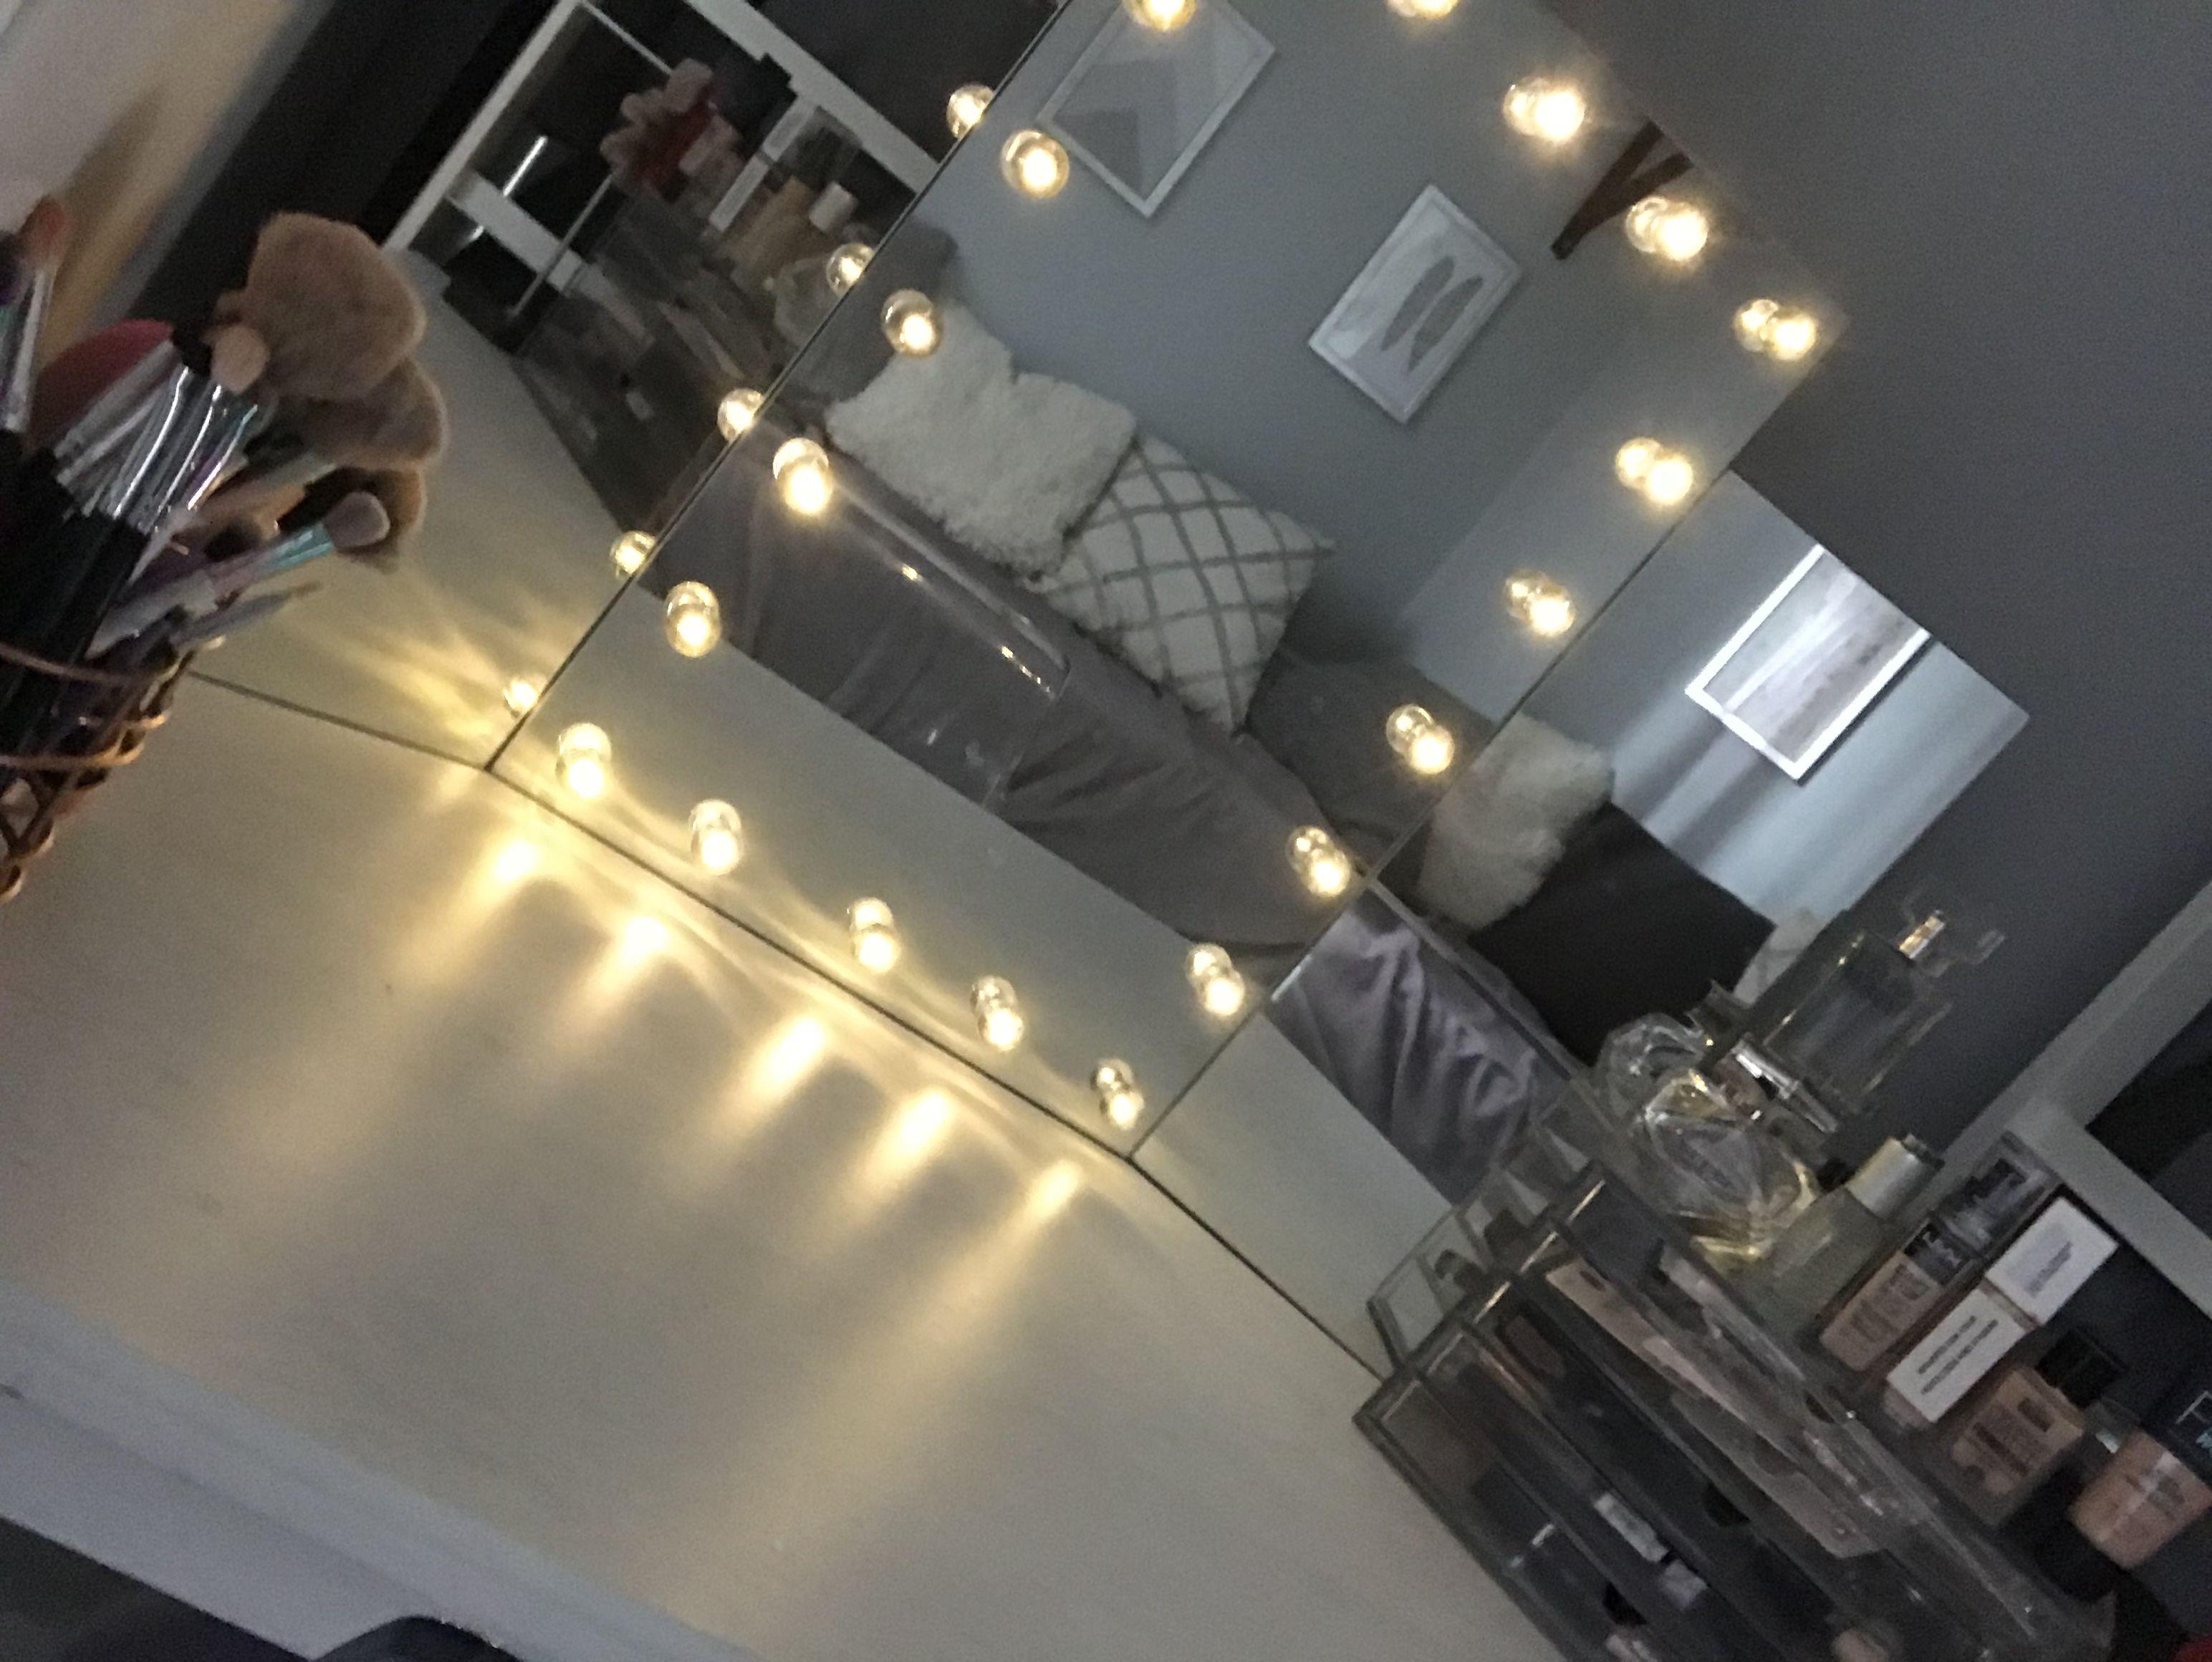 #makeup #makeuproom #beautyroom #makeuproomideas #vanity #vanitymirror #dressingroom